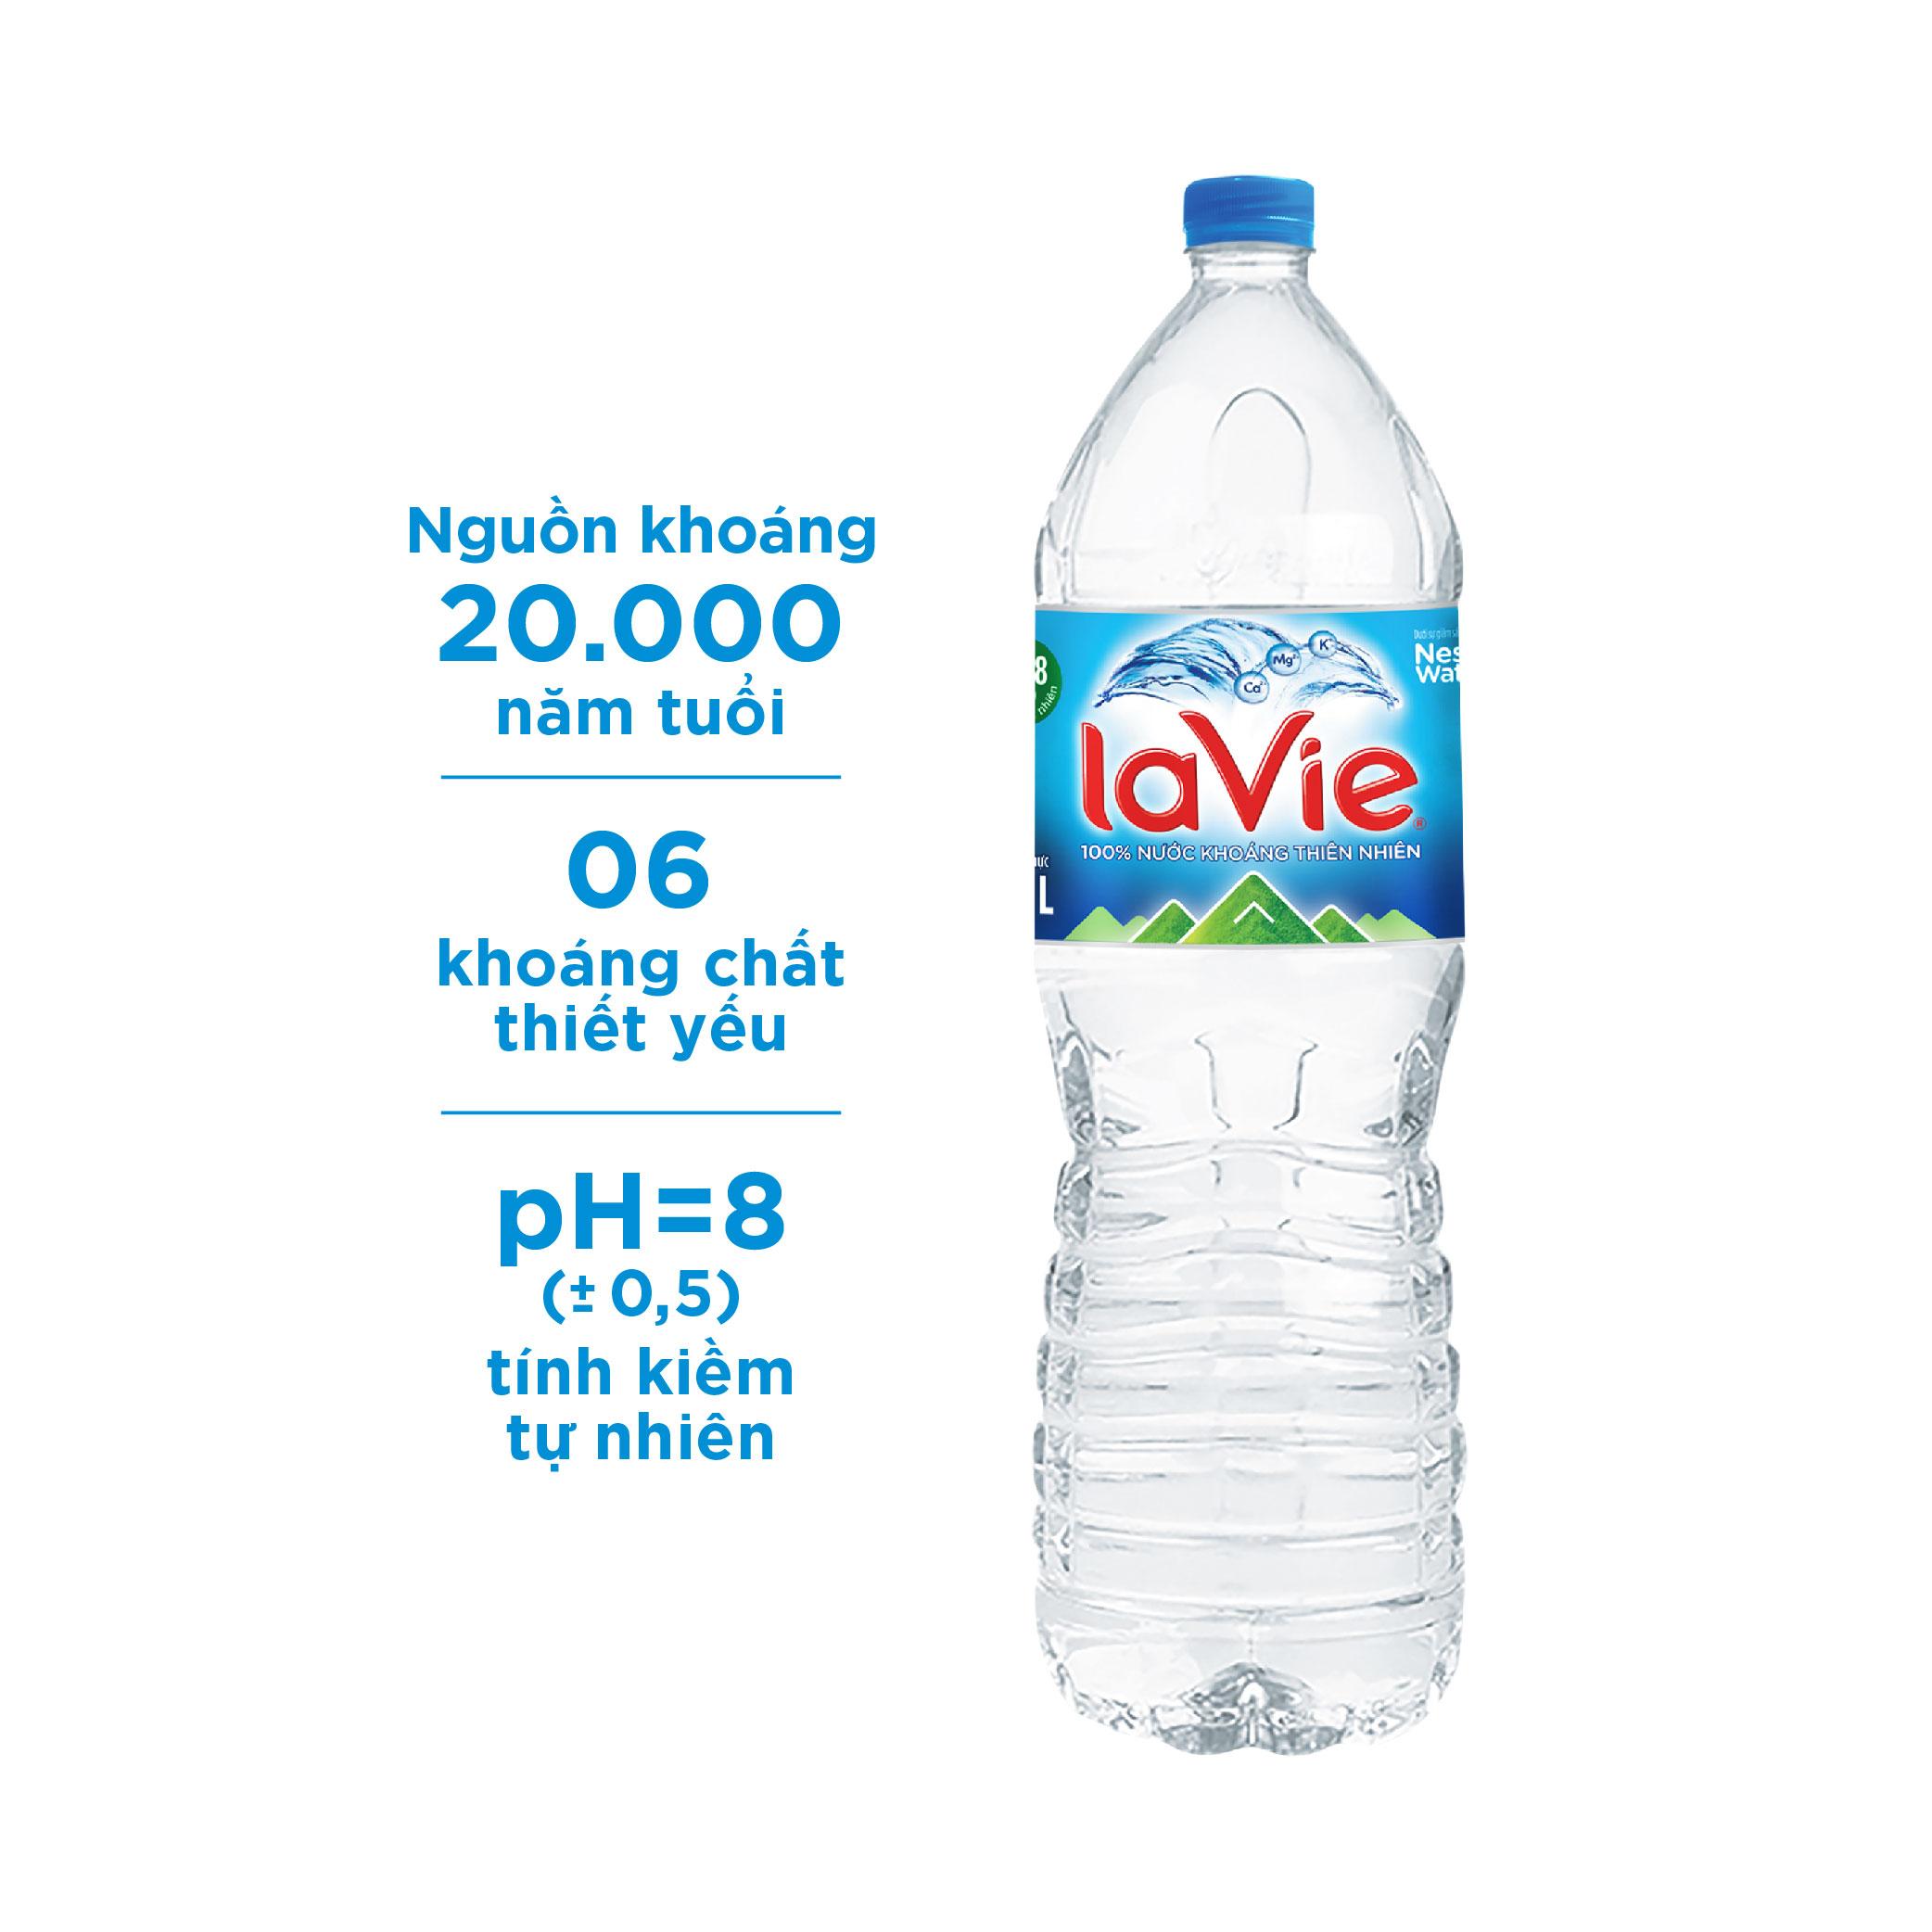 Nước khoáng thiên nhiên La Vie chai 1.5L (Thùng 12 chai)